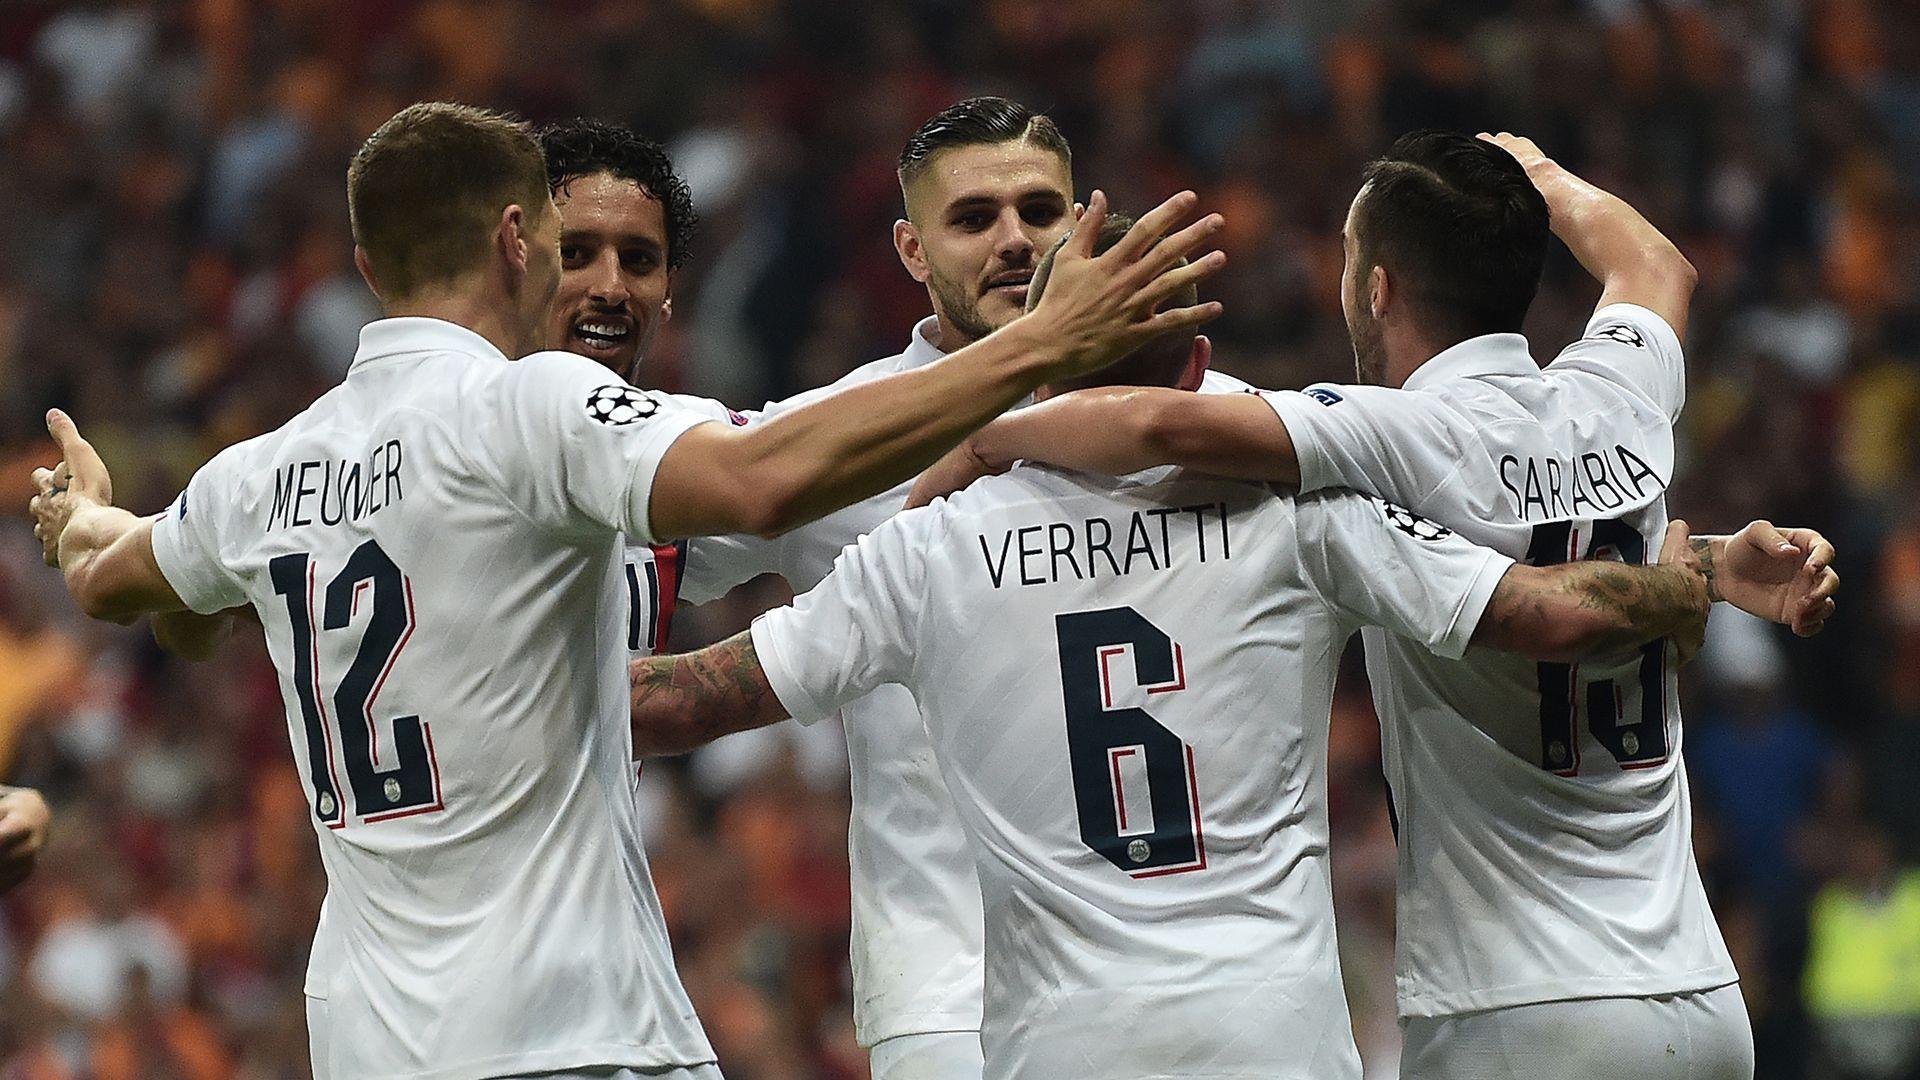 El Paris Saint Germain, ya clasificado a los octavos de final como líder del Grupo A de la UEFA Champions League, recibe al Galatasaray en el Parque de los Príncipes. (AFP)